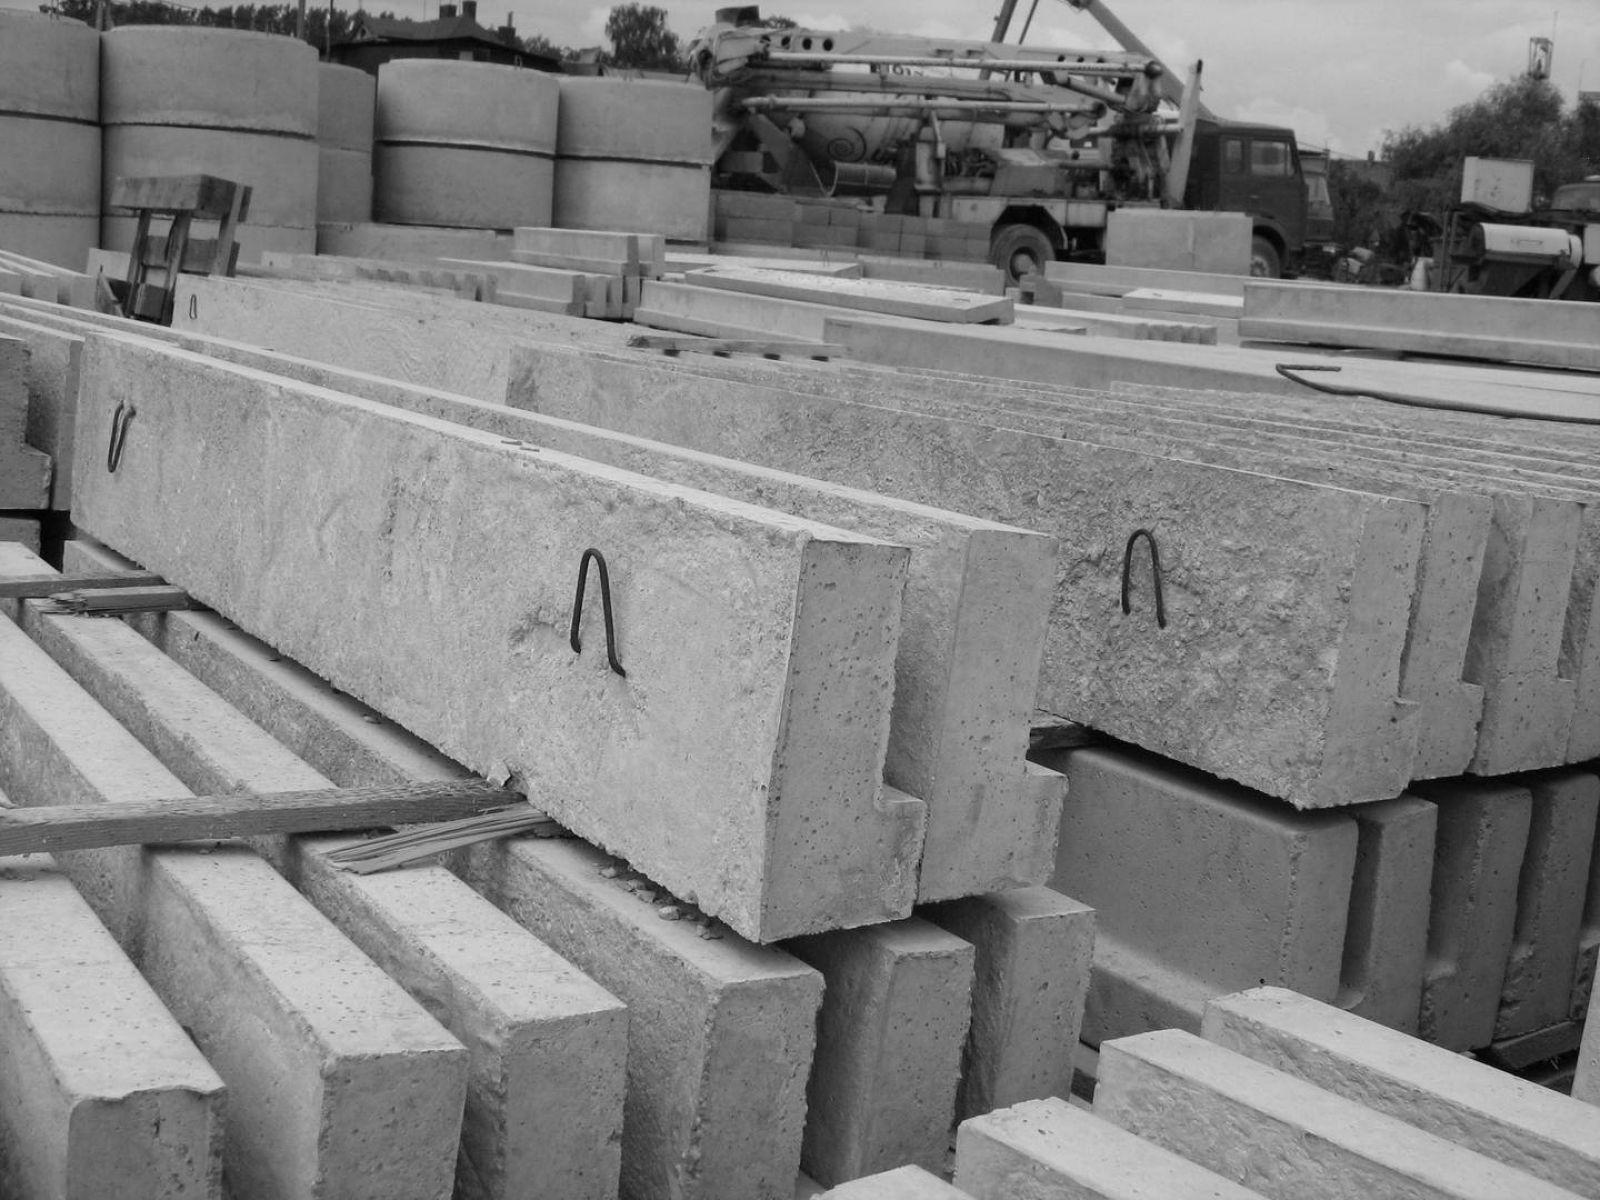 beton klasy c20 25 cena rozrz d mazda 626 2 0 benzyna cena. Black Bedroom Furniture Sets. Home Design Ideas